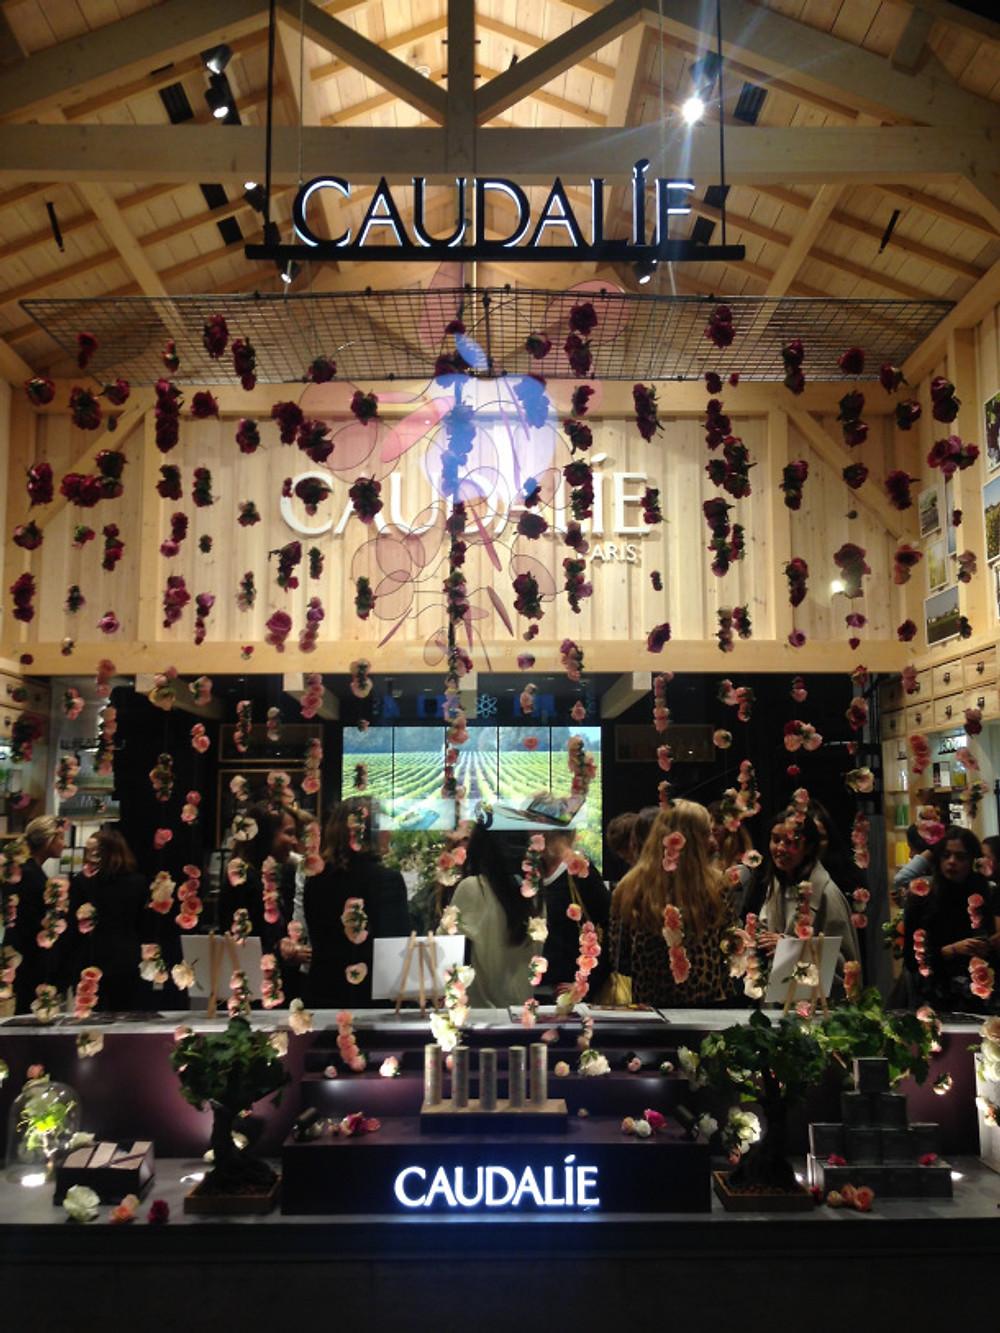 Carrousel du Louvre 99 rue de Rivoli 75001 Paris Tel: 01 40 26 61 84 Horaires : Lundi-Dimanche : 10h - 20h